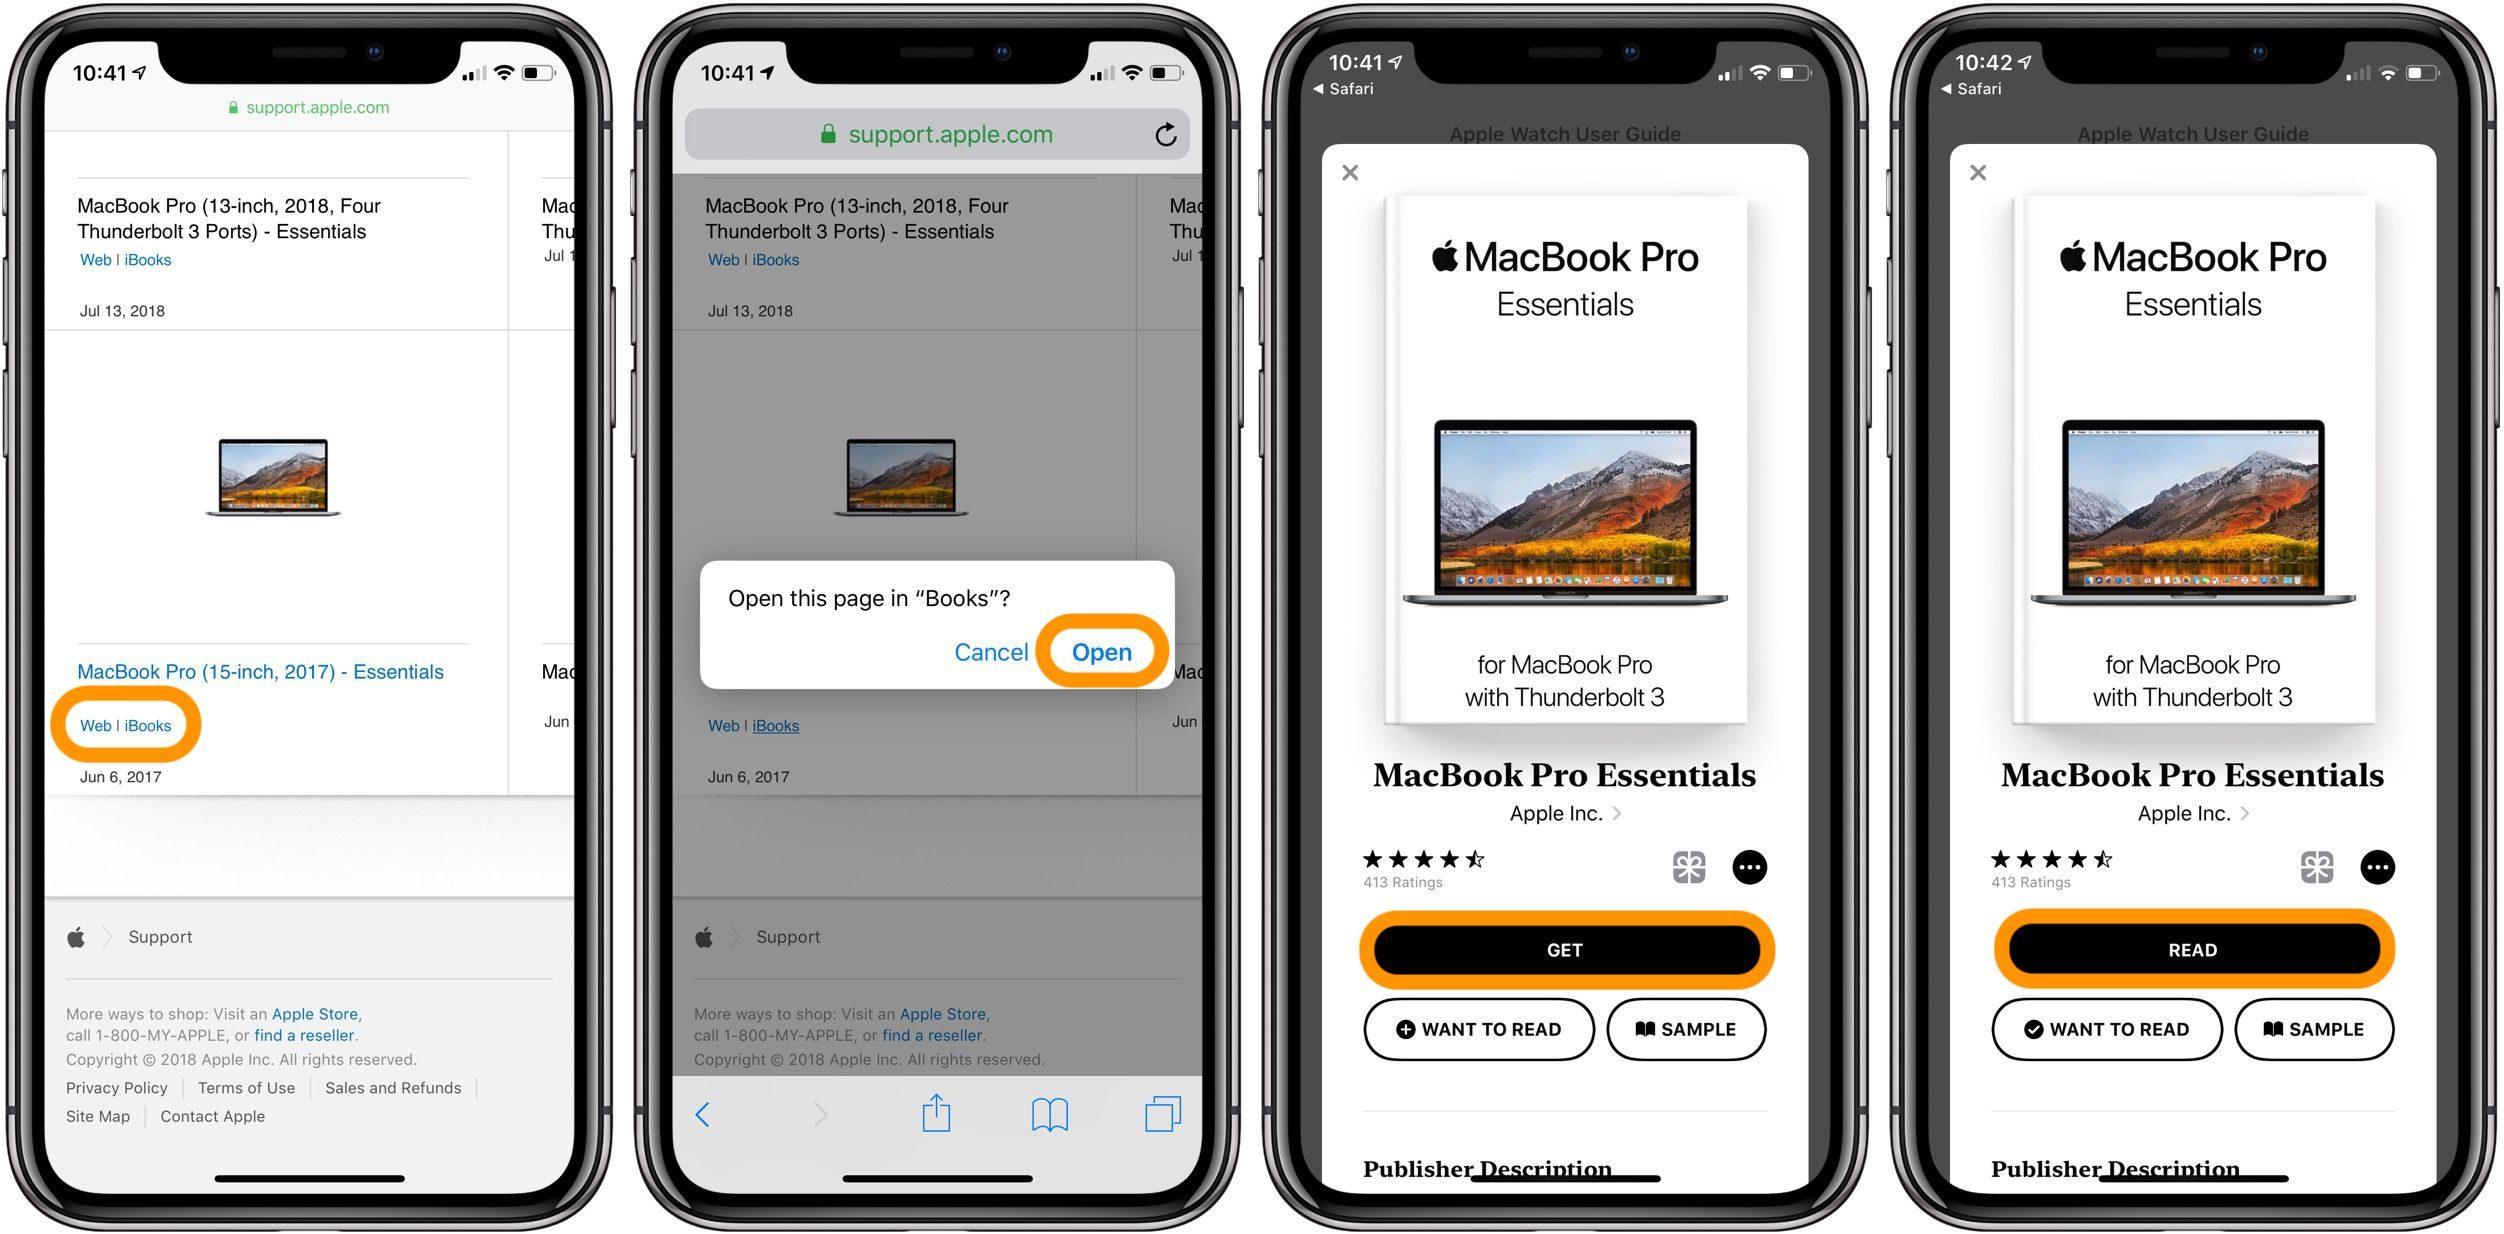 """<span href=""""https://9to5mac.com/2018/07/27/mac-how-to-get-the-official-apple-user-guide-for-free/"""">Mac: Cómo obtener el oficial de Apple guía del usuario gratis</a>"""